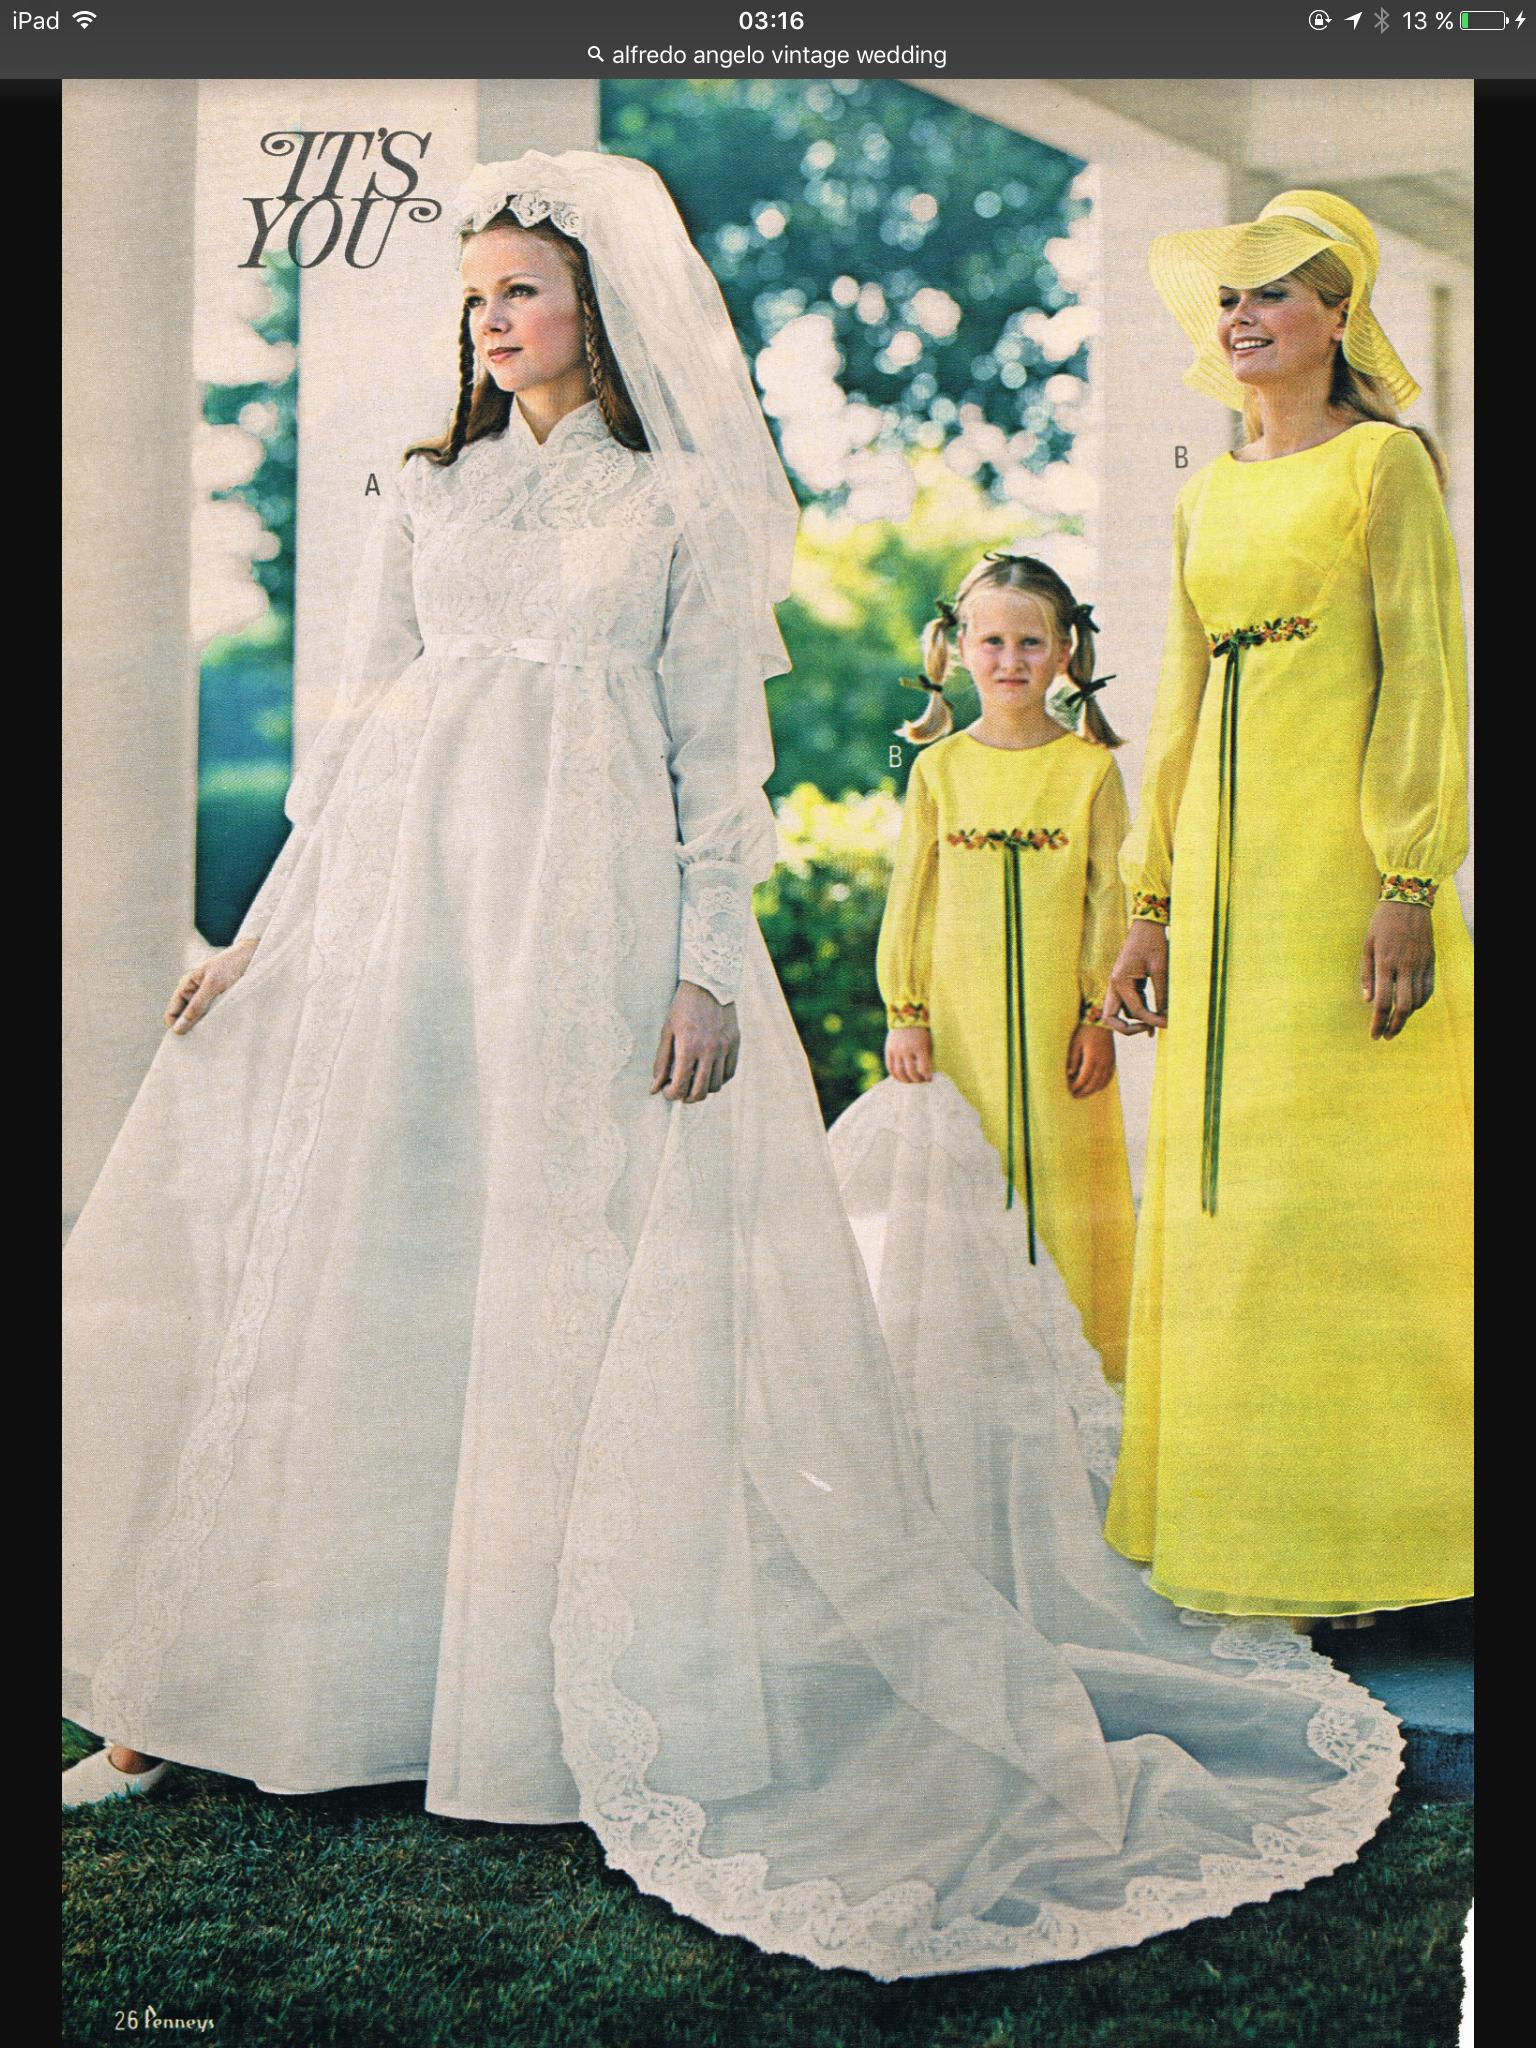 Pin by marilyn on wonderful us pinterest vintage weddings